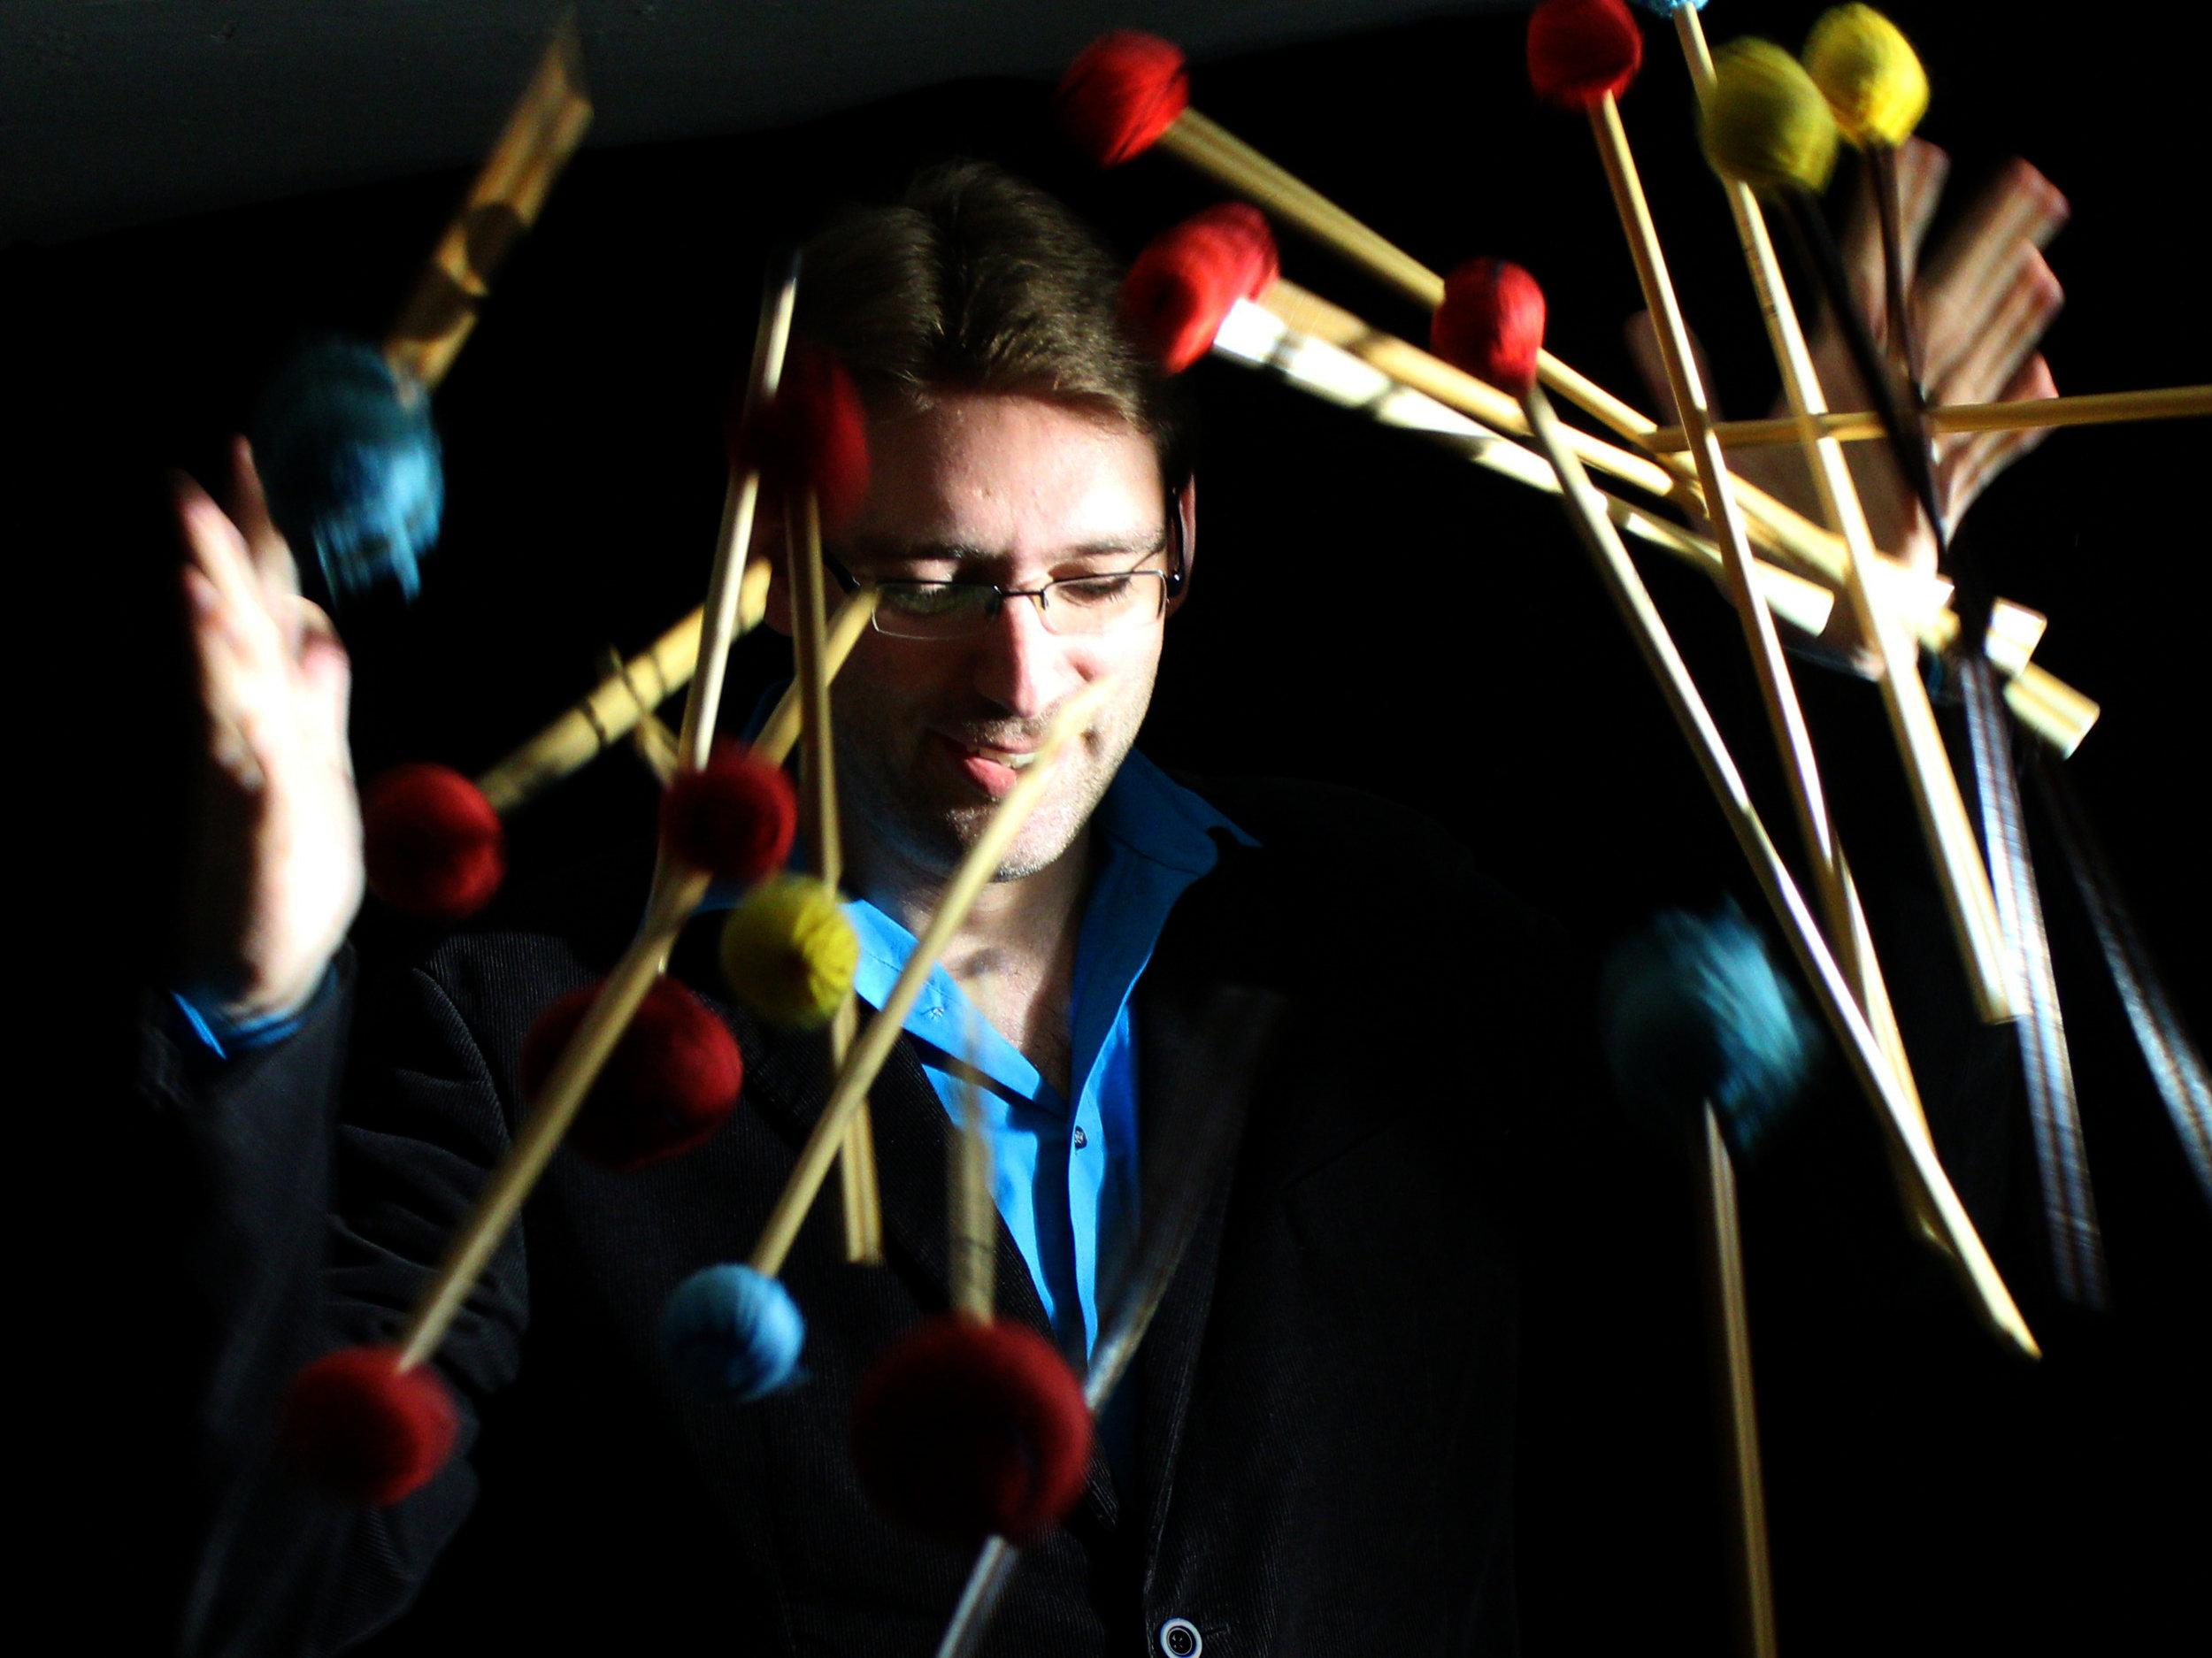 Pressefoto I, Matthias Strucken, beschnitten, Foto von Marc Brenken.jpg